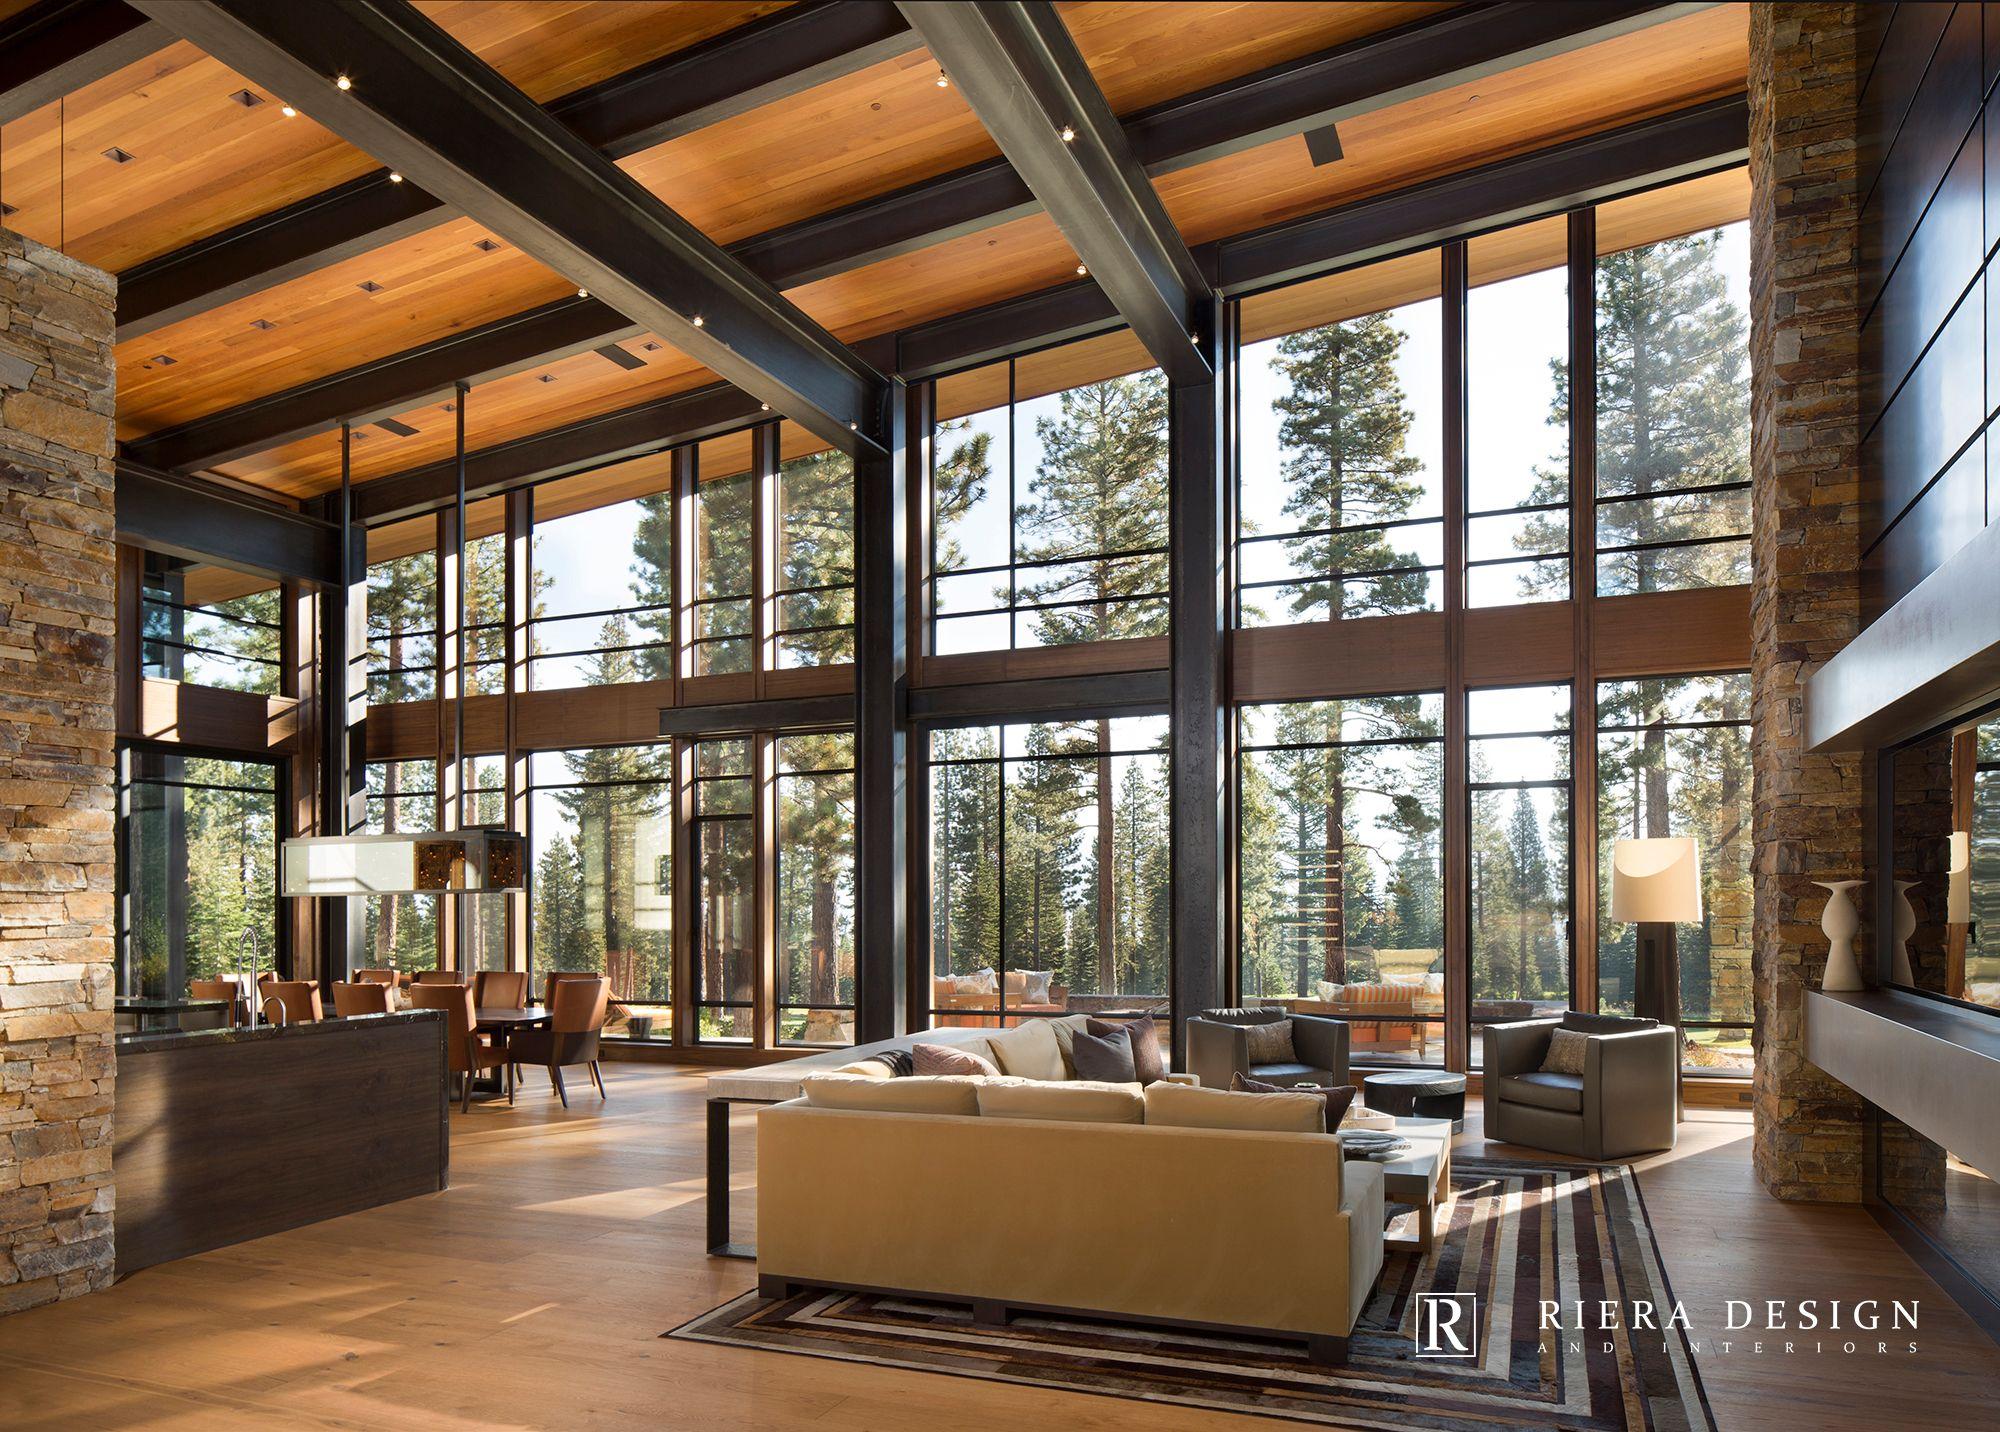 Lake Tahoe Martis Camp Mountain Modern Interior Design Project Lake Tahoe Interior Design